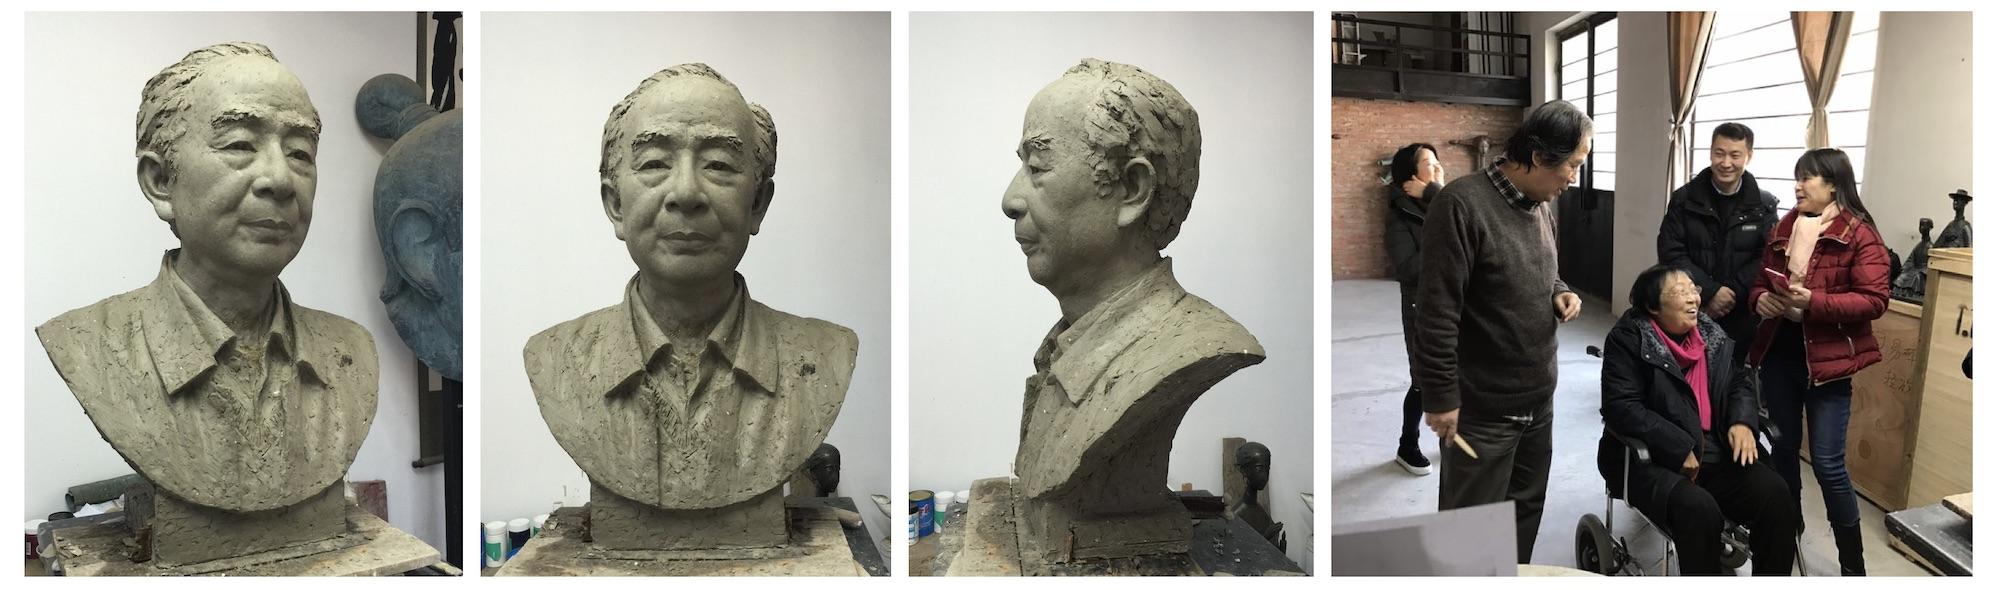 汤一介教授塑像